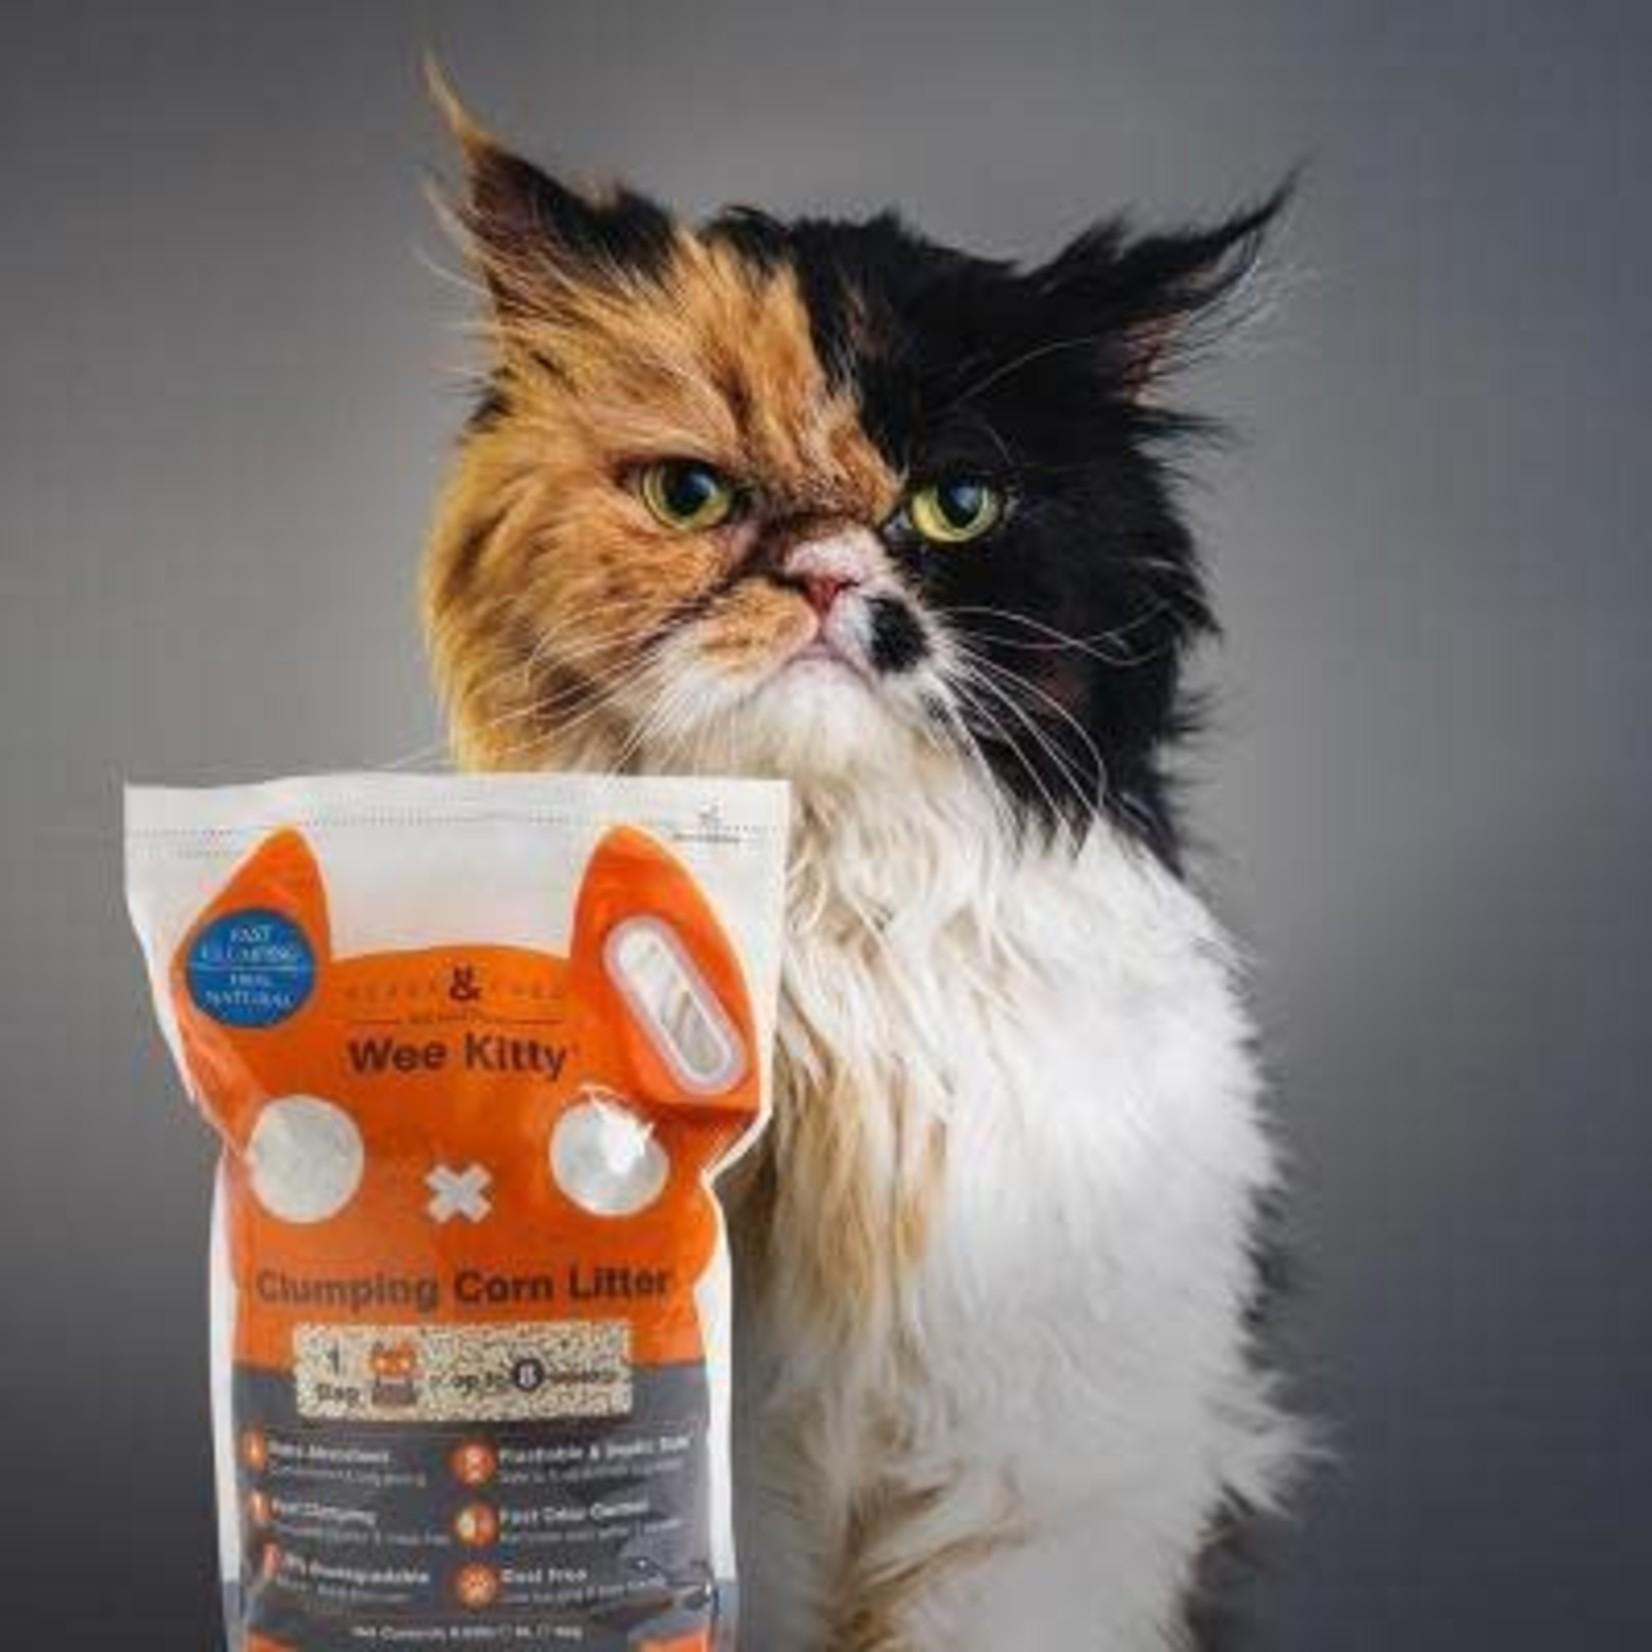 Rufus & Coco Litière de maïs pour chat agglomérante - Rufus & Coco (4kg)